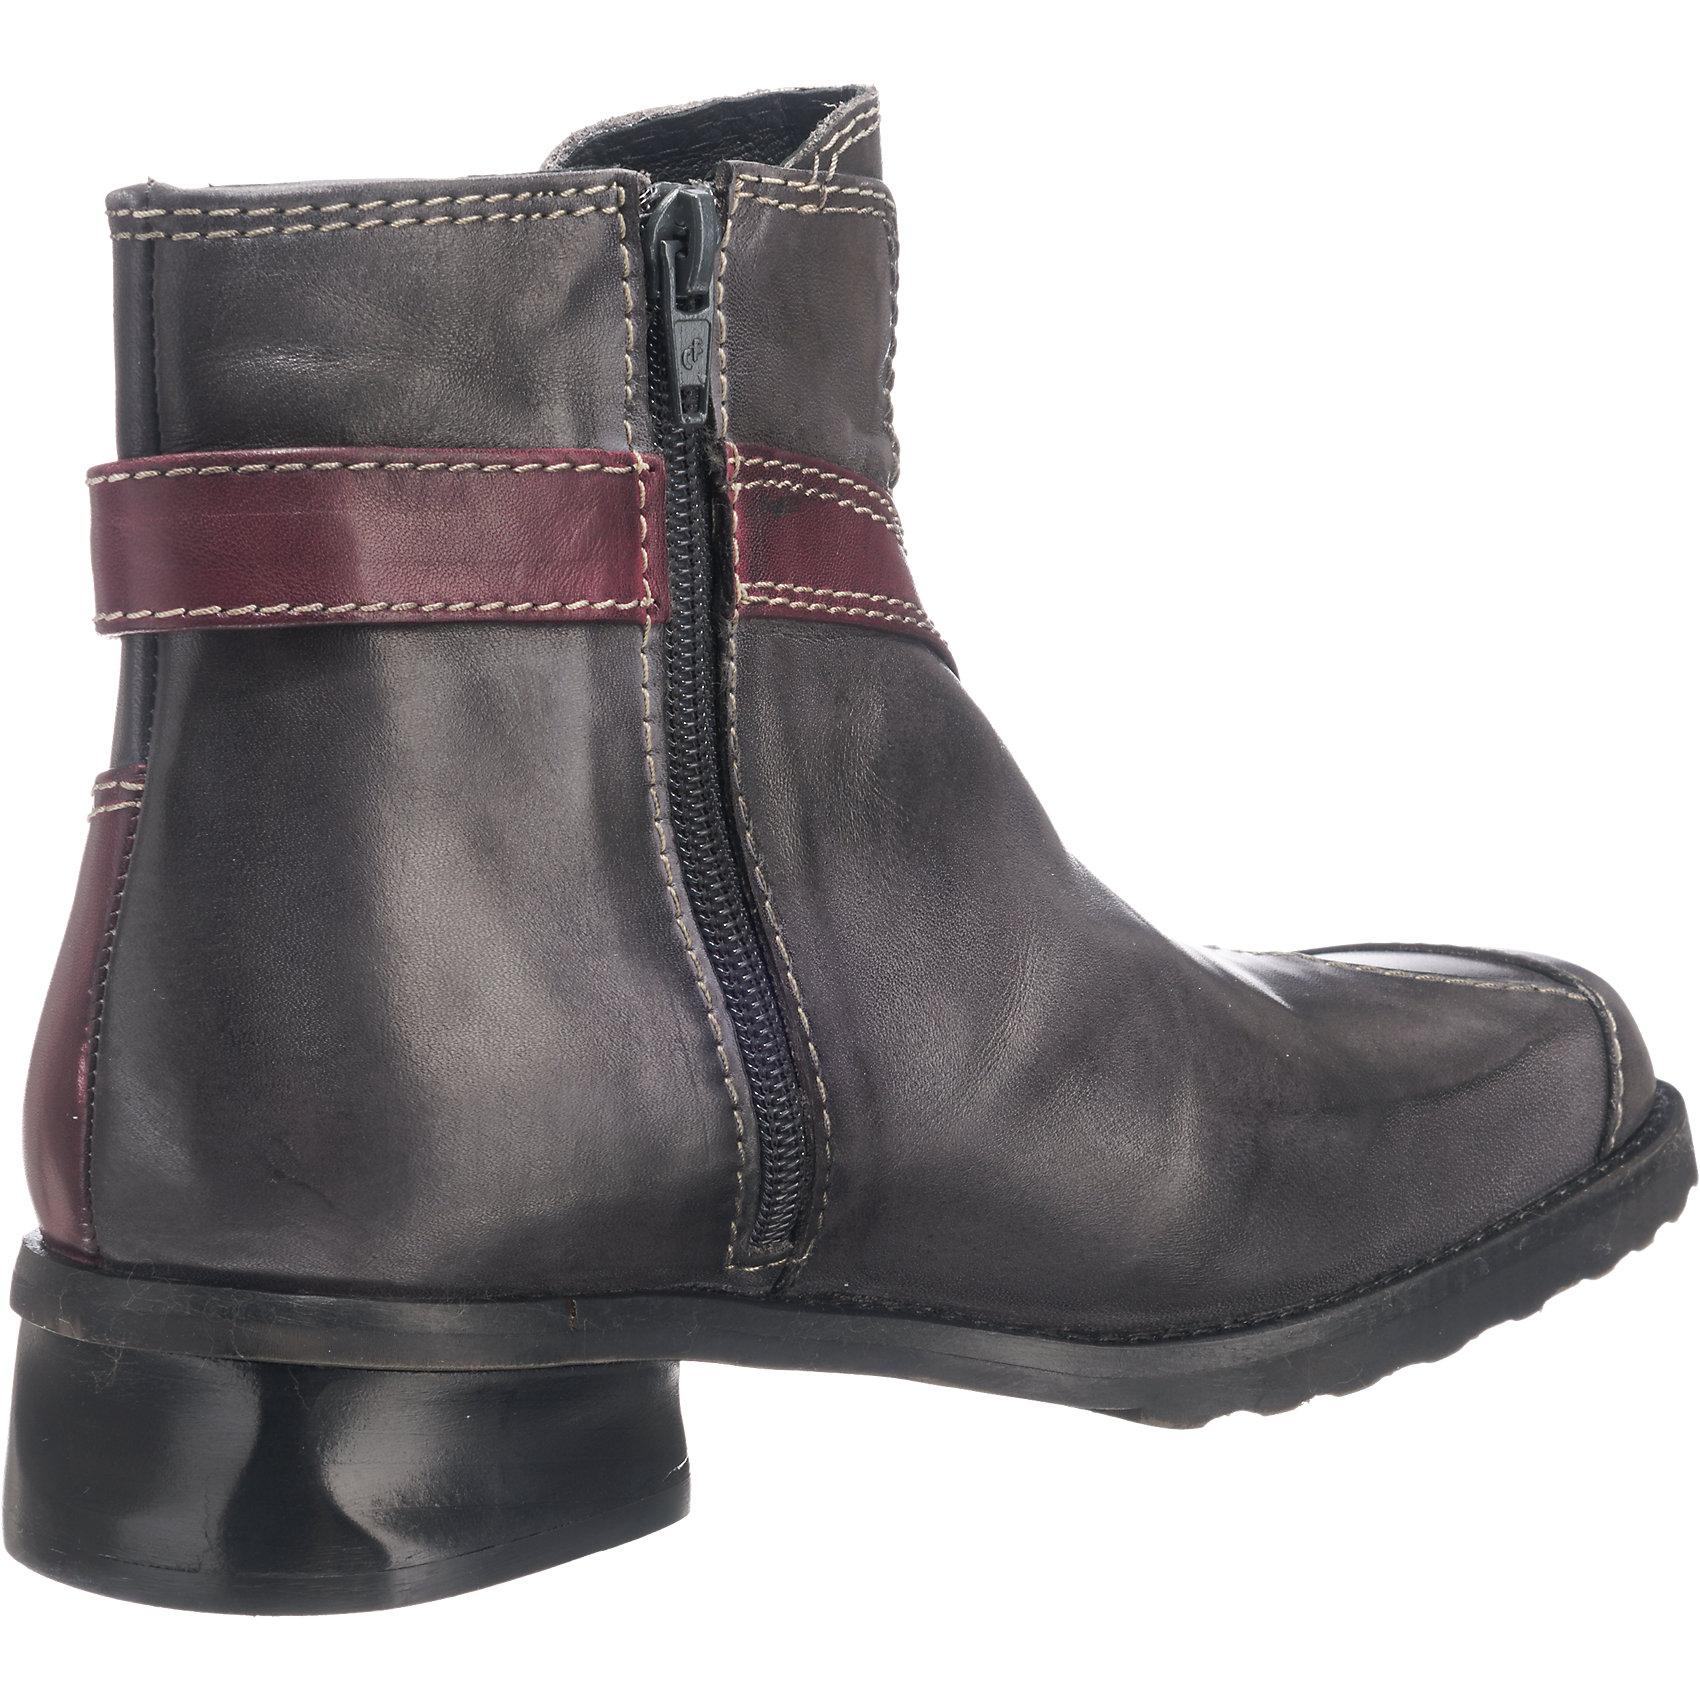 Neu Tiggers® Liese Stiefeletten 5778328 für Damen Damen für grau-kombi 9accdf